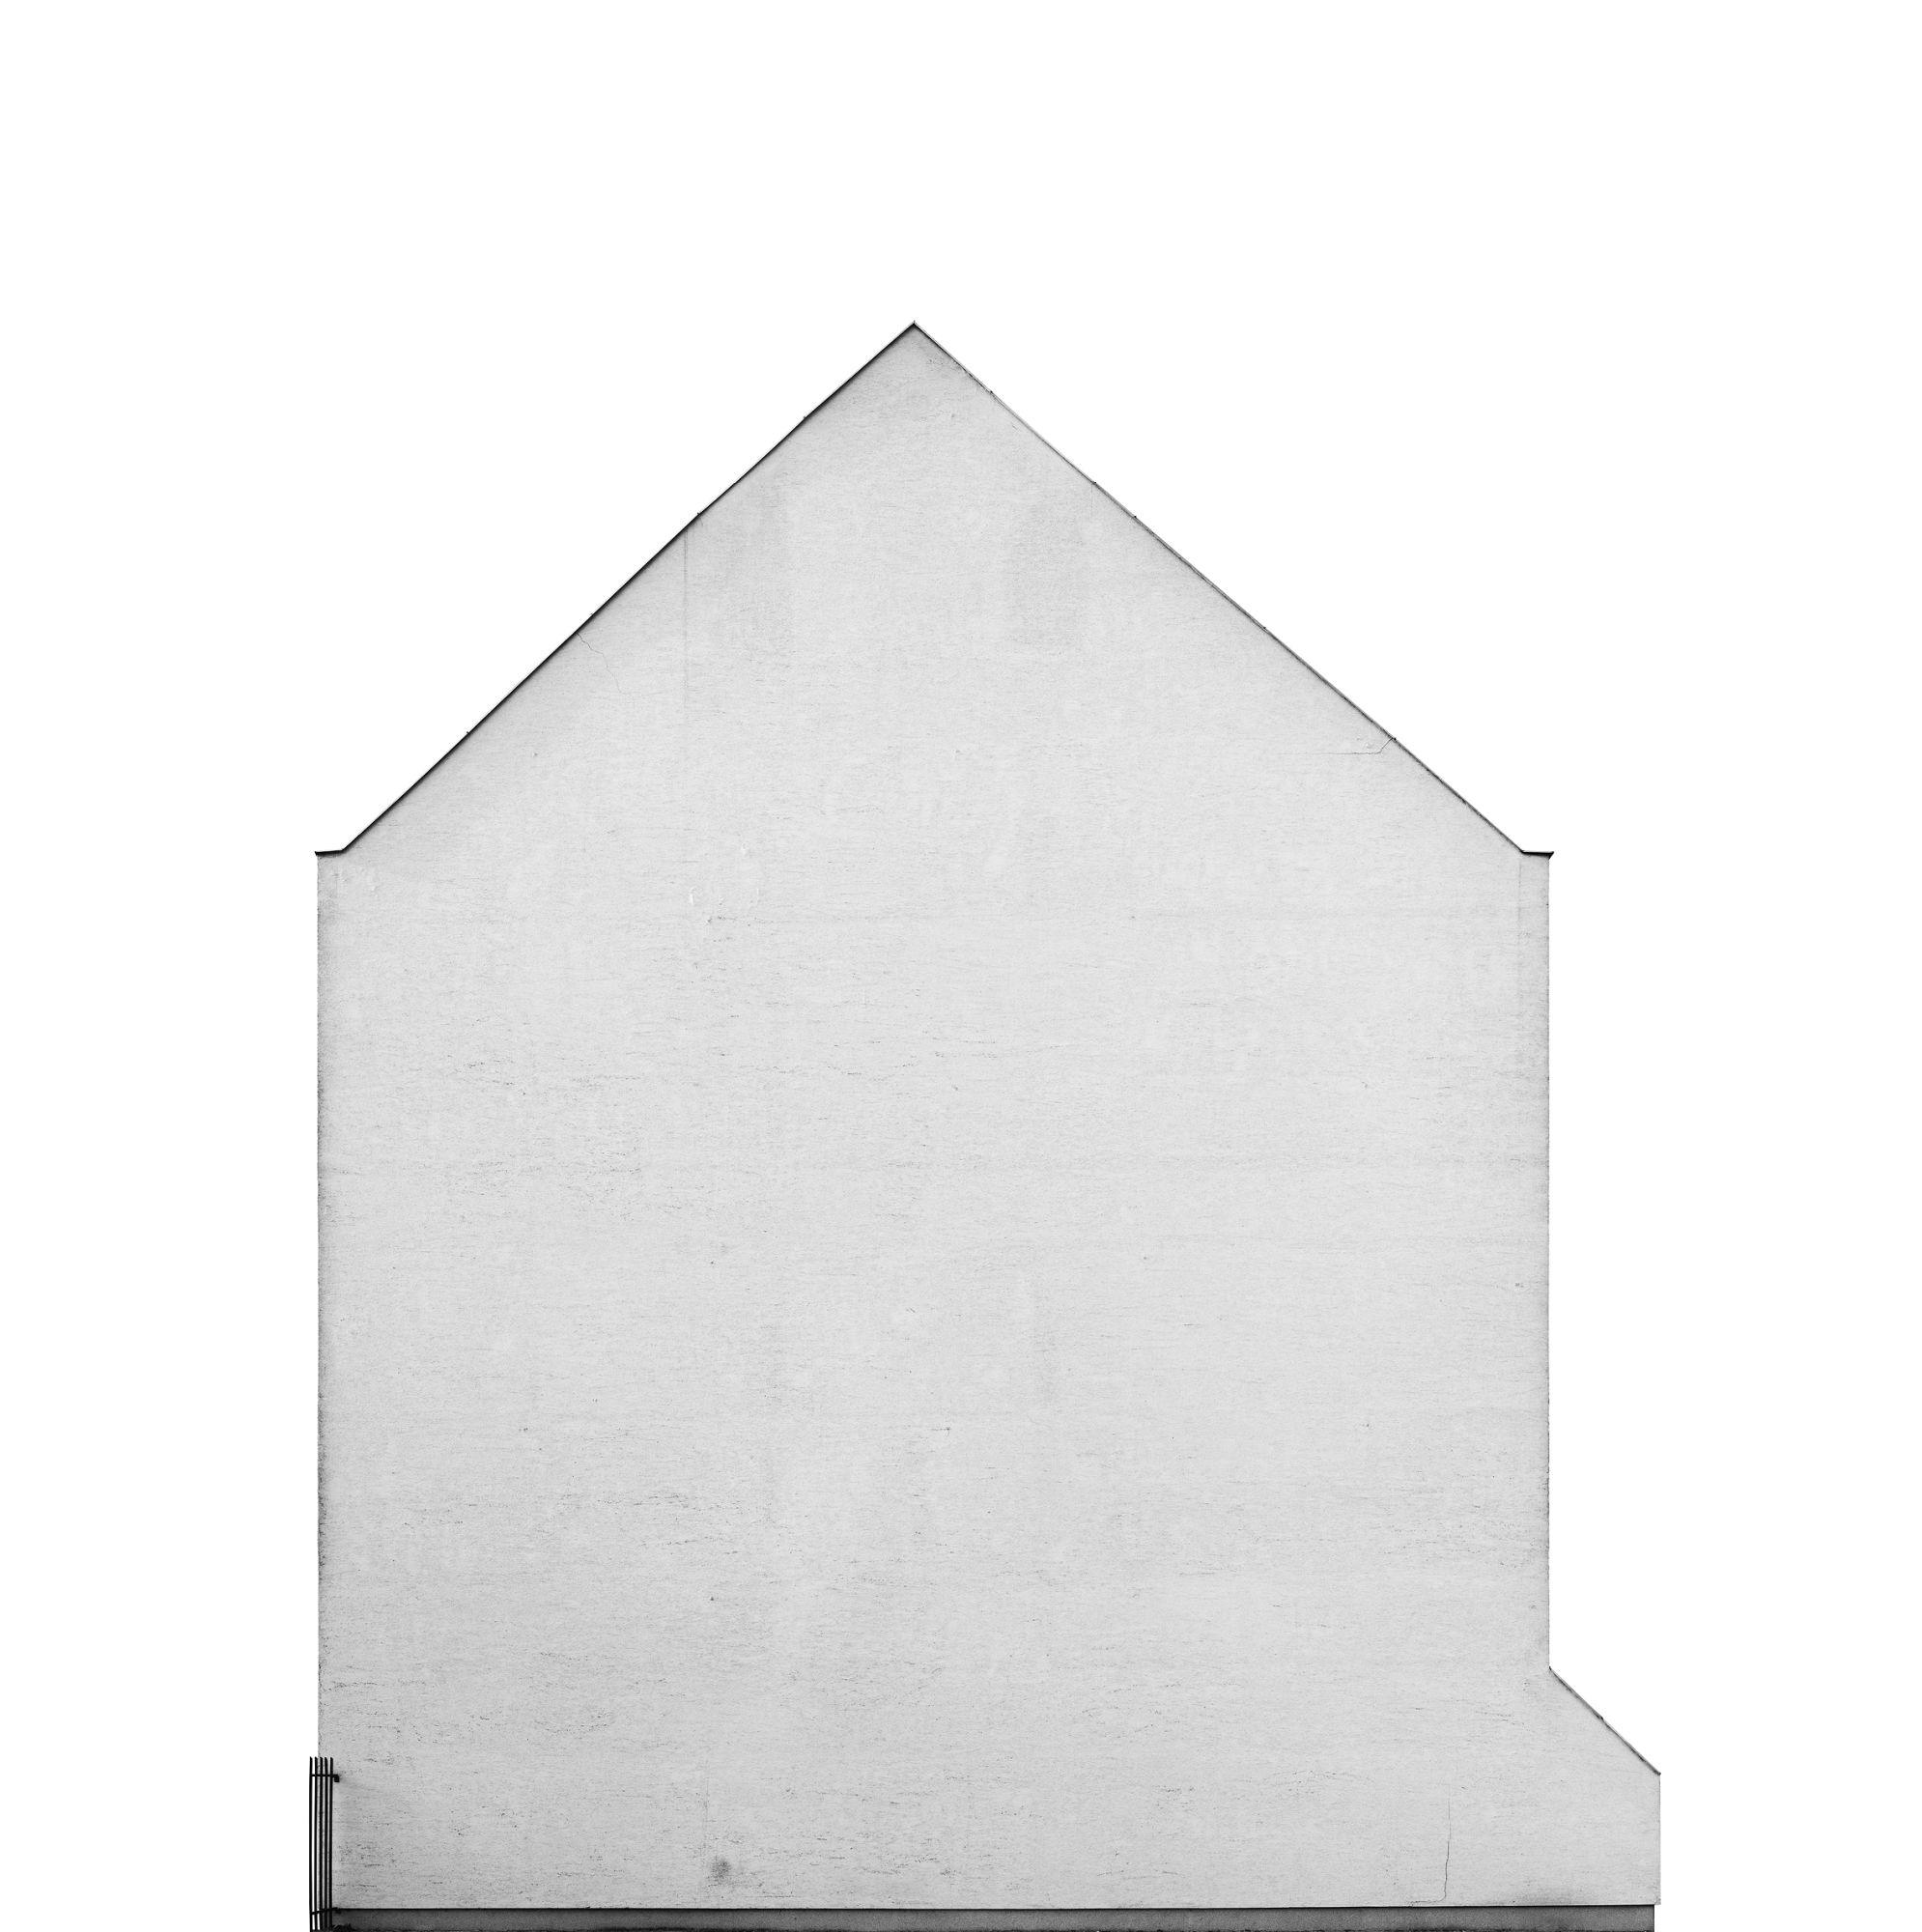 Czigány Ákos: Otthon 6163-84